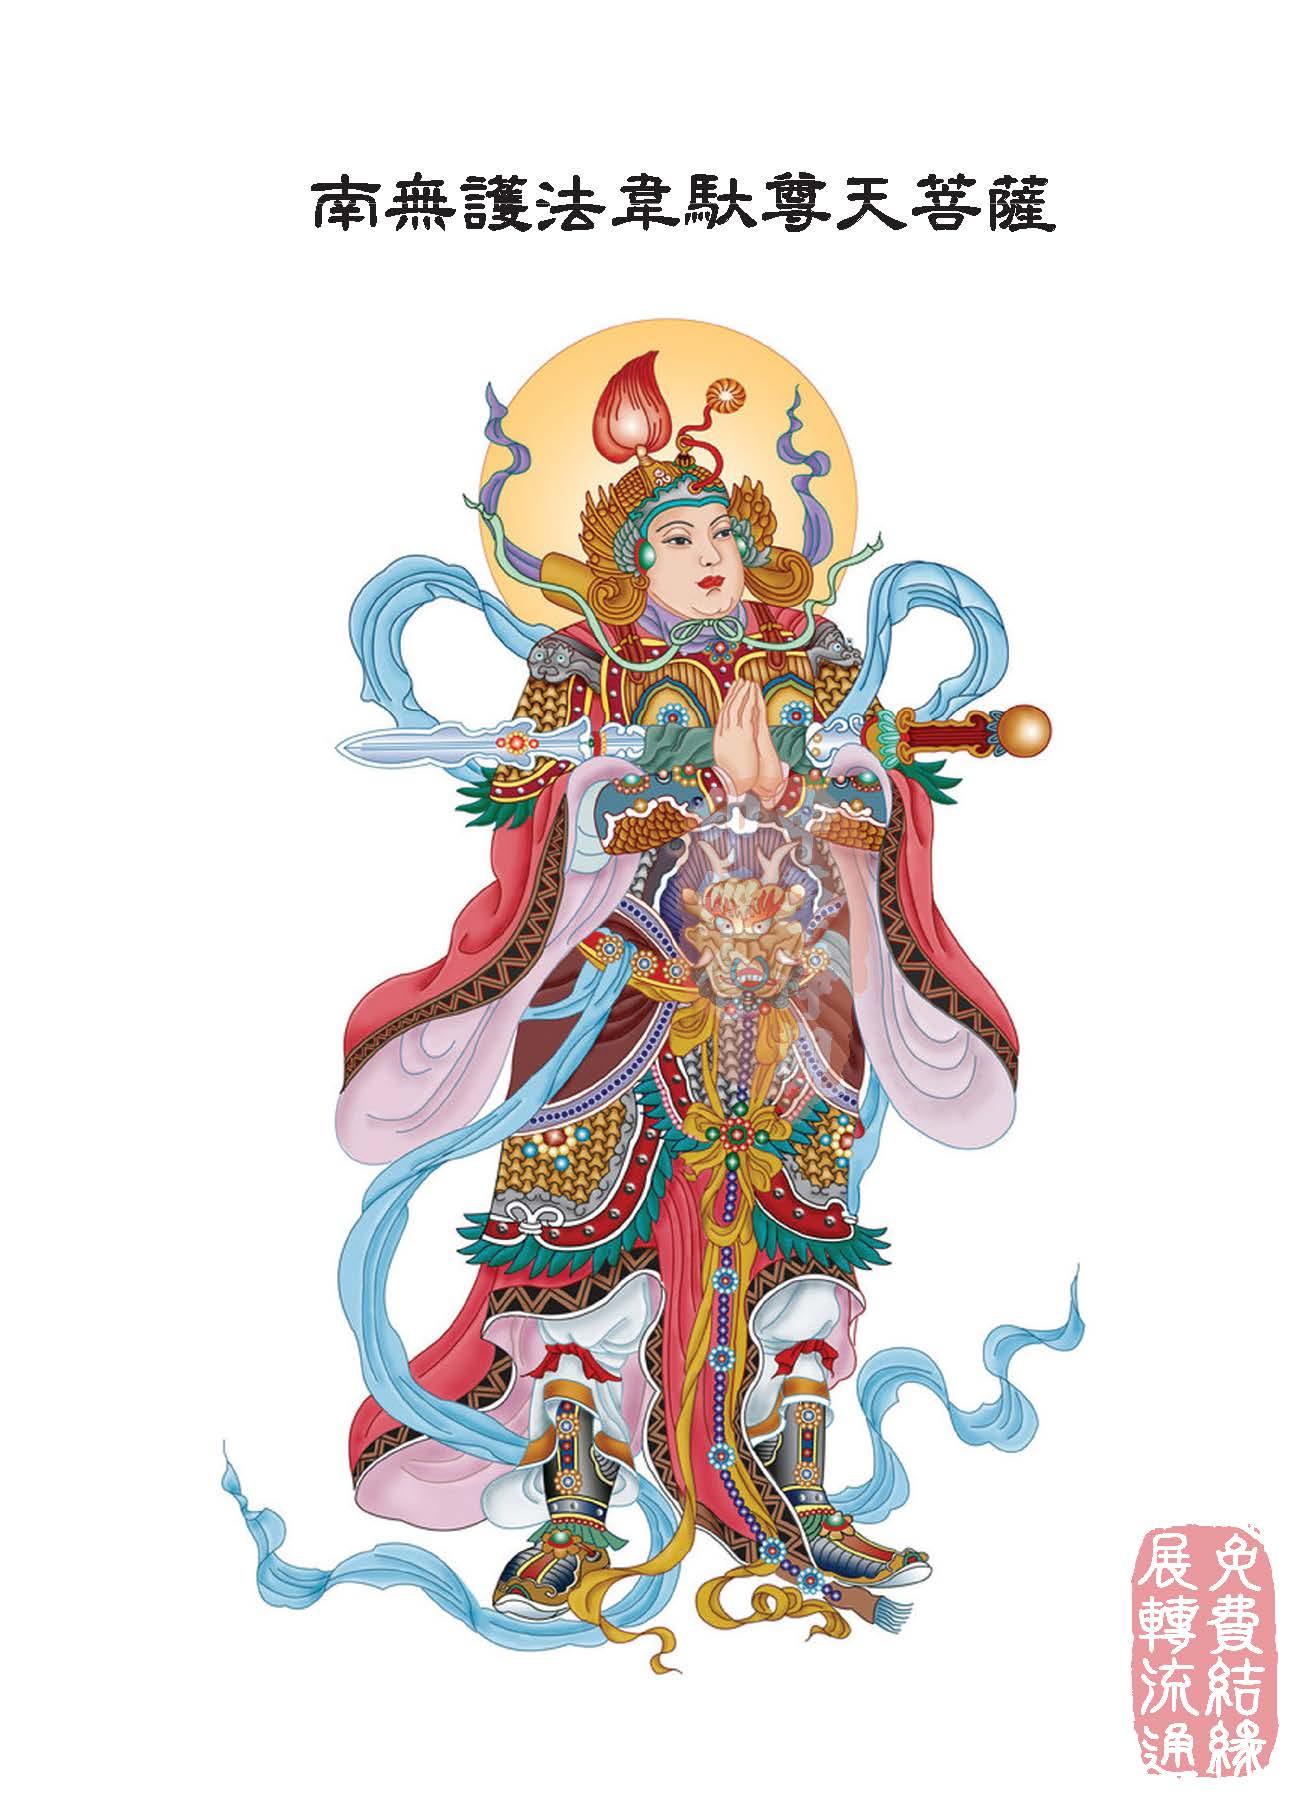 地藏十��卷第九…福田相品…第七之一_页面_70.jpg